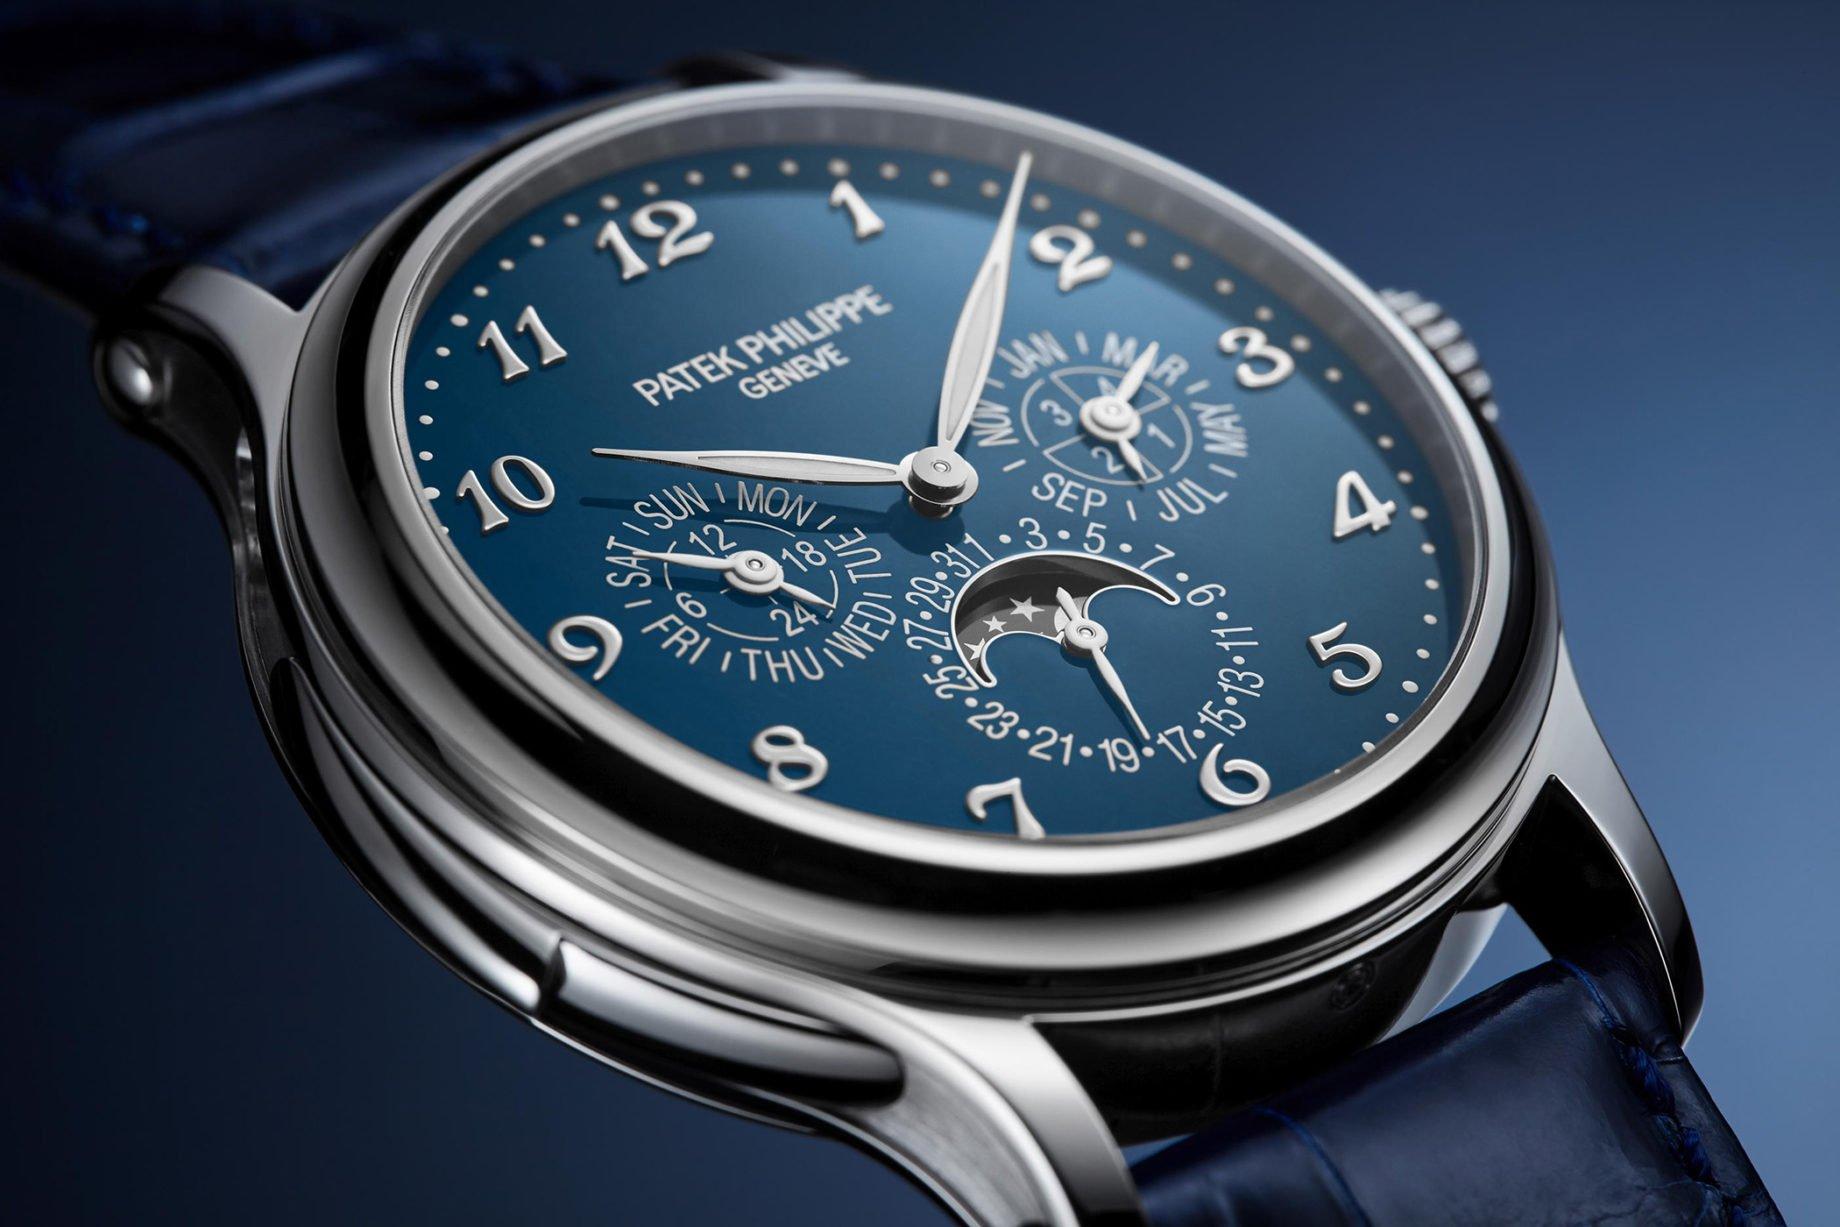 Patek Philippe Ref. 5374G-001 Minute Repeater Perpetual Calendar